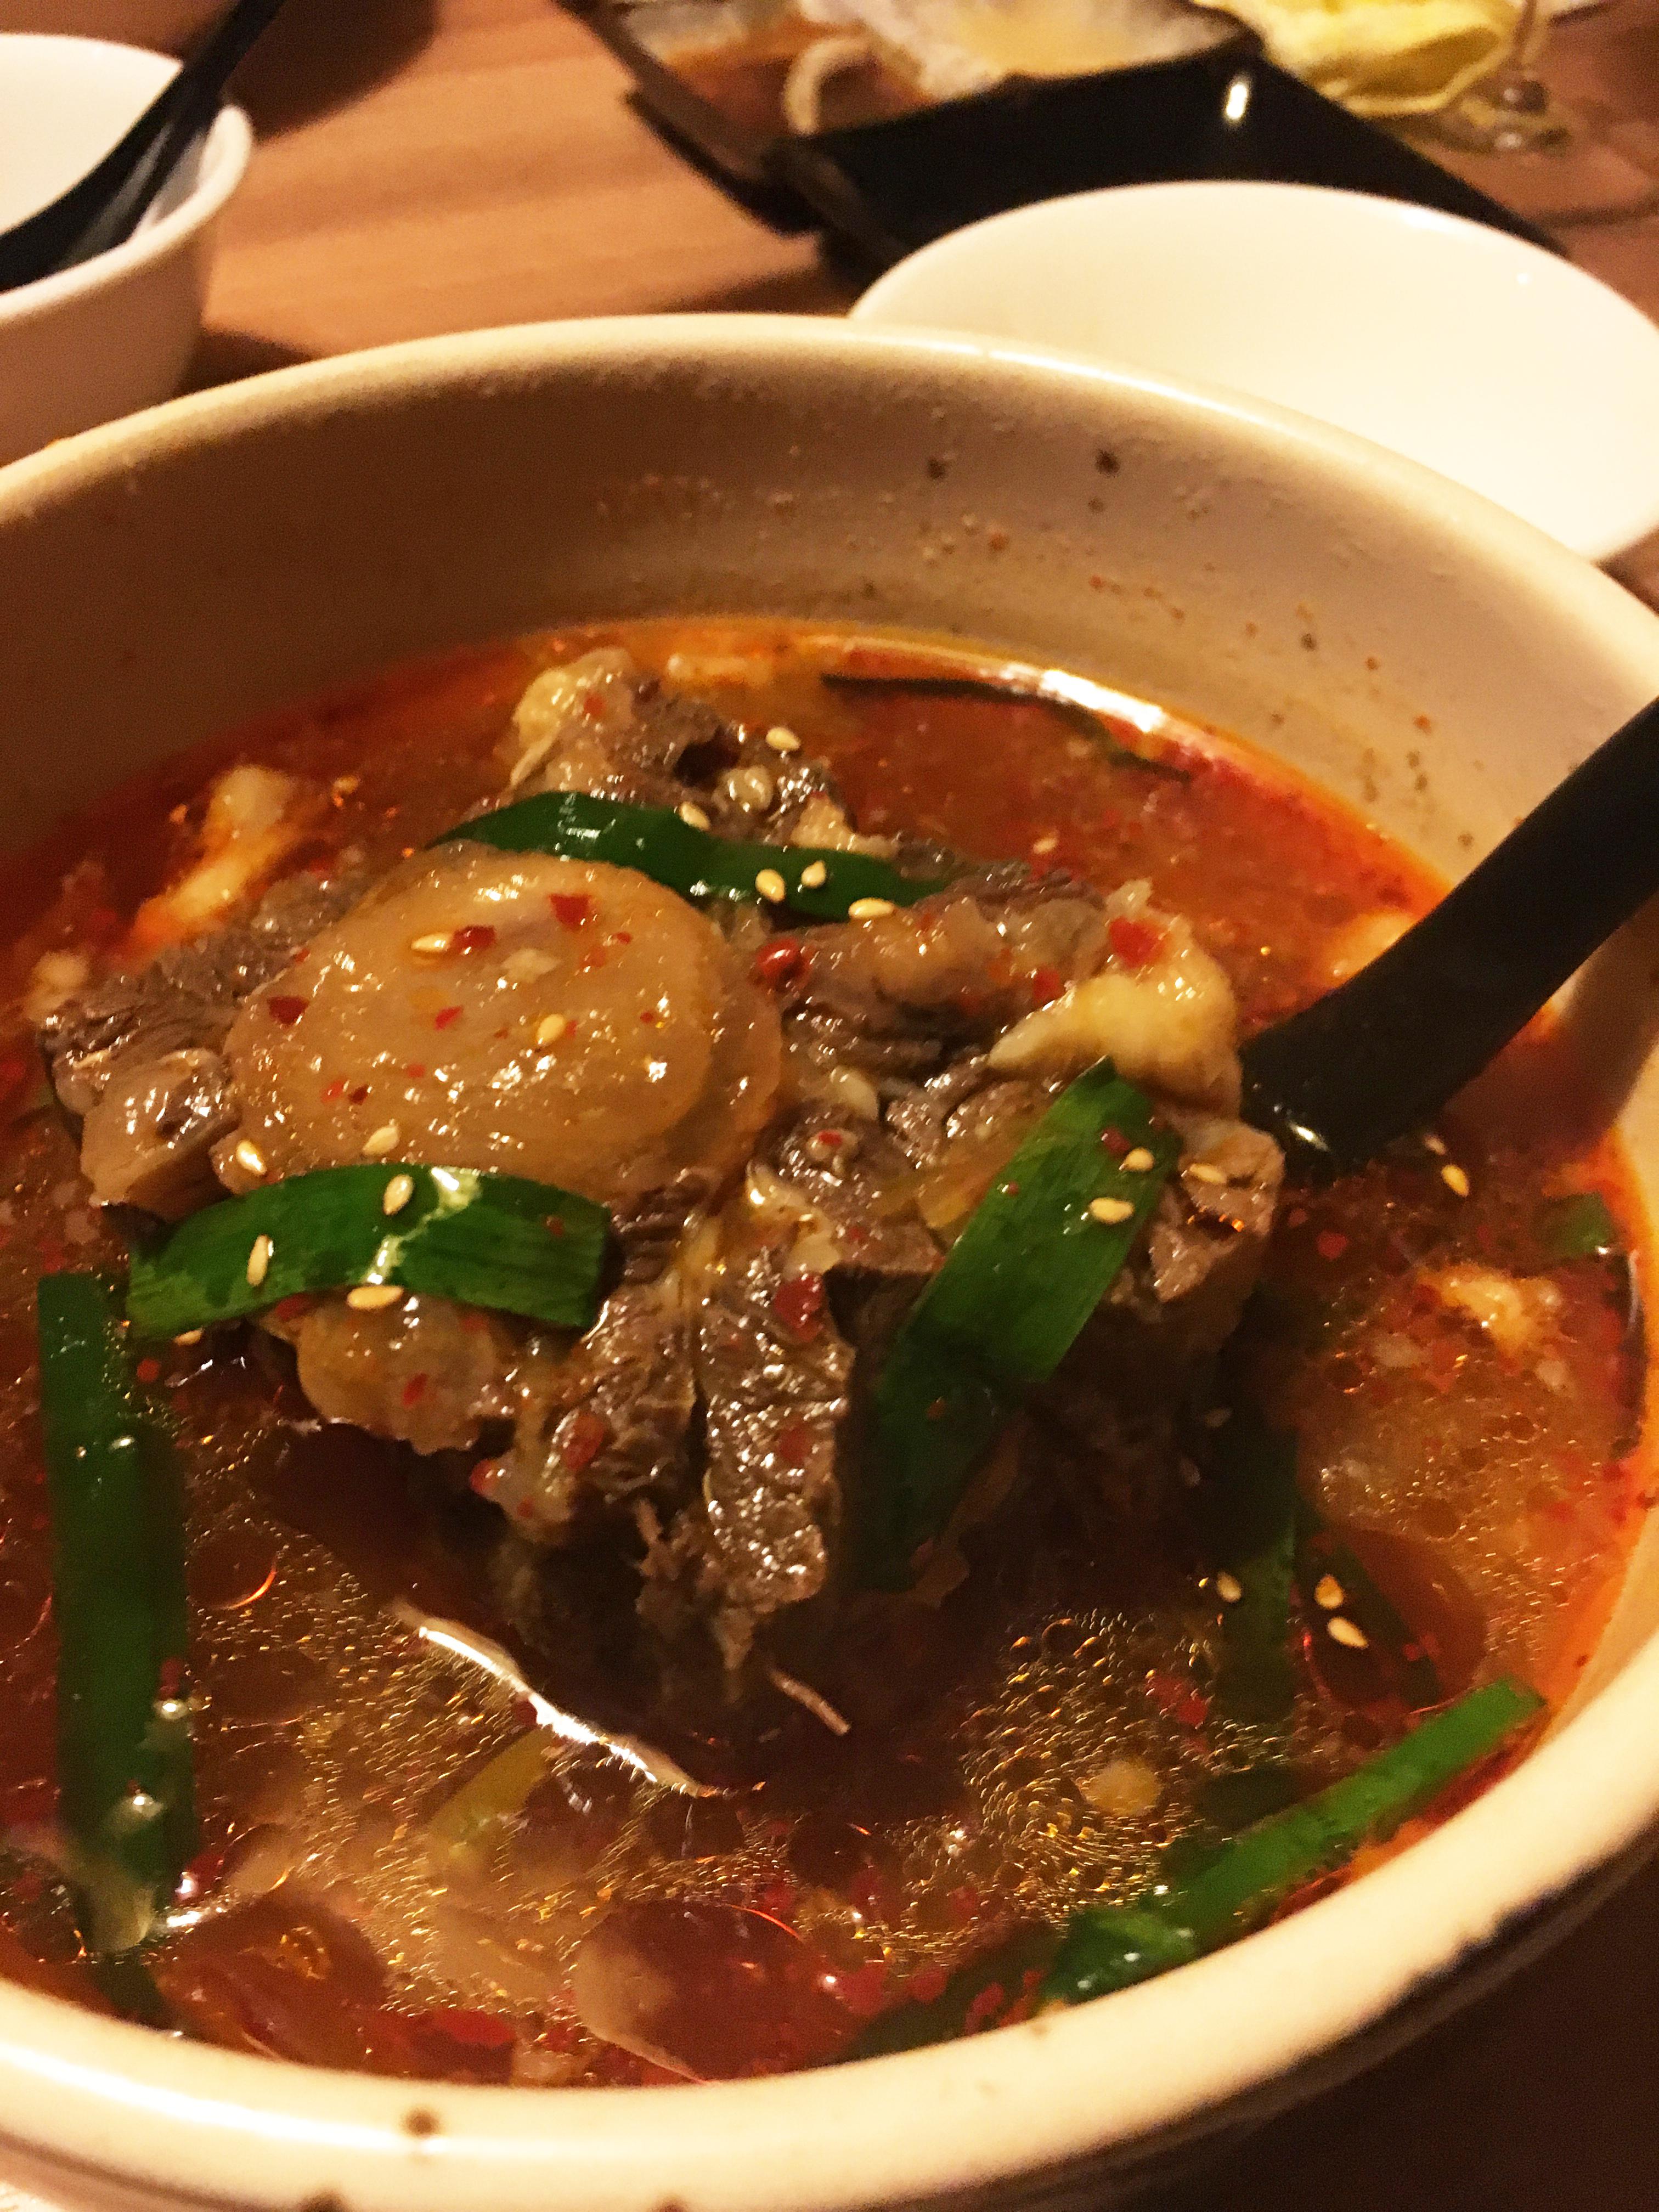 自慢のテールスープは必ず食べてほしい逸品。オープンまでしっかりじっくり仕込んでます。